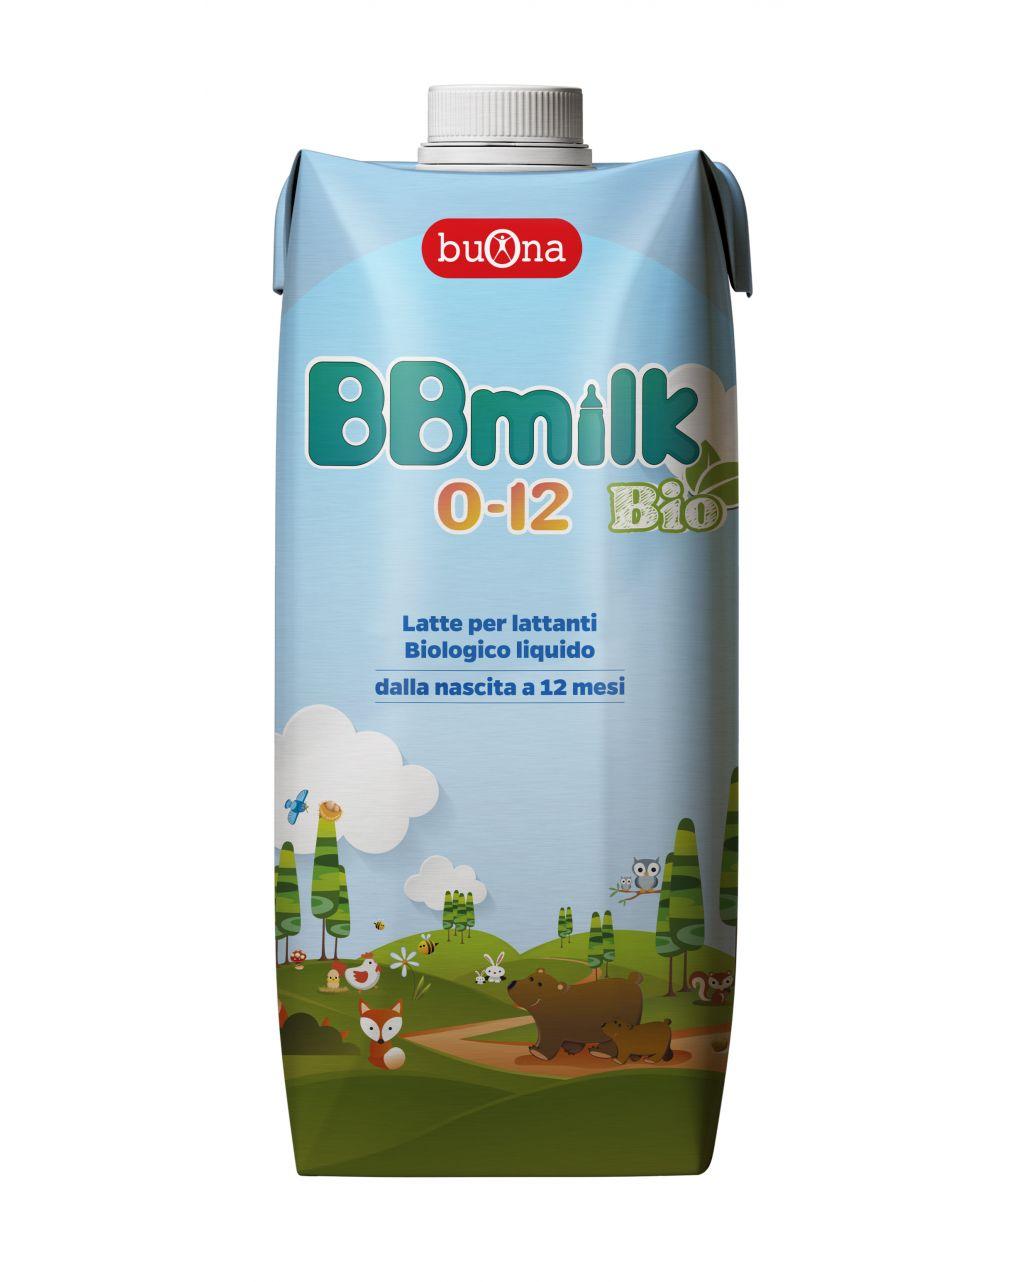 Buona - latte bbmilk 0/12 mesi bio liquido 500ml - Buona